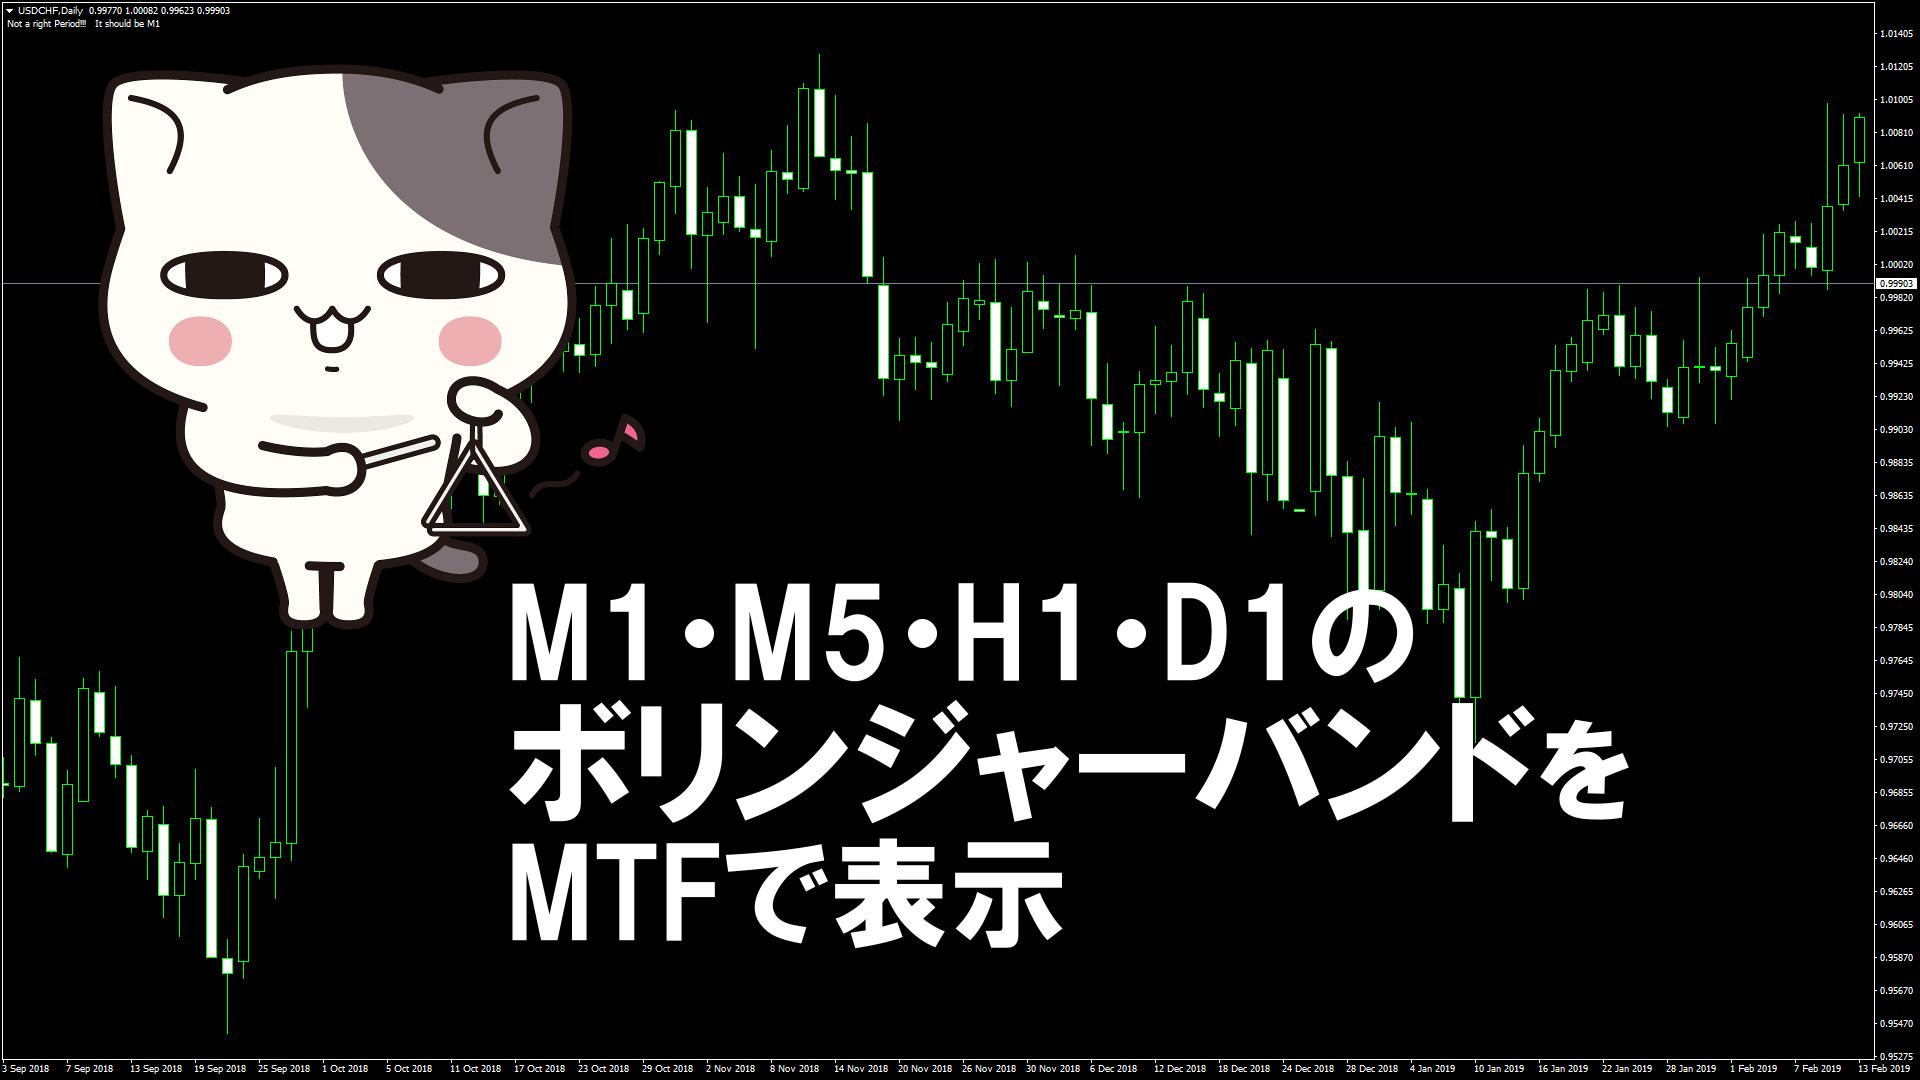 M1・M5・H1・D1のボリンジャーバンドをMTFで表示するMT4インジケーター『BB_Support』